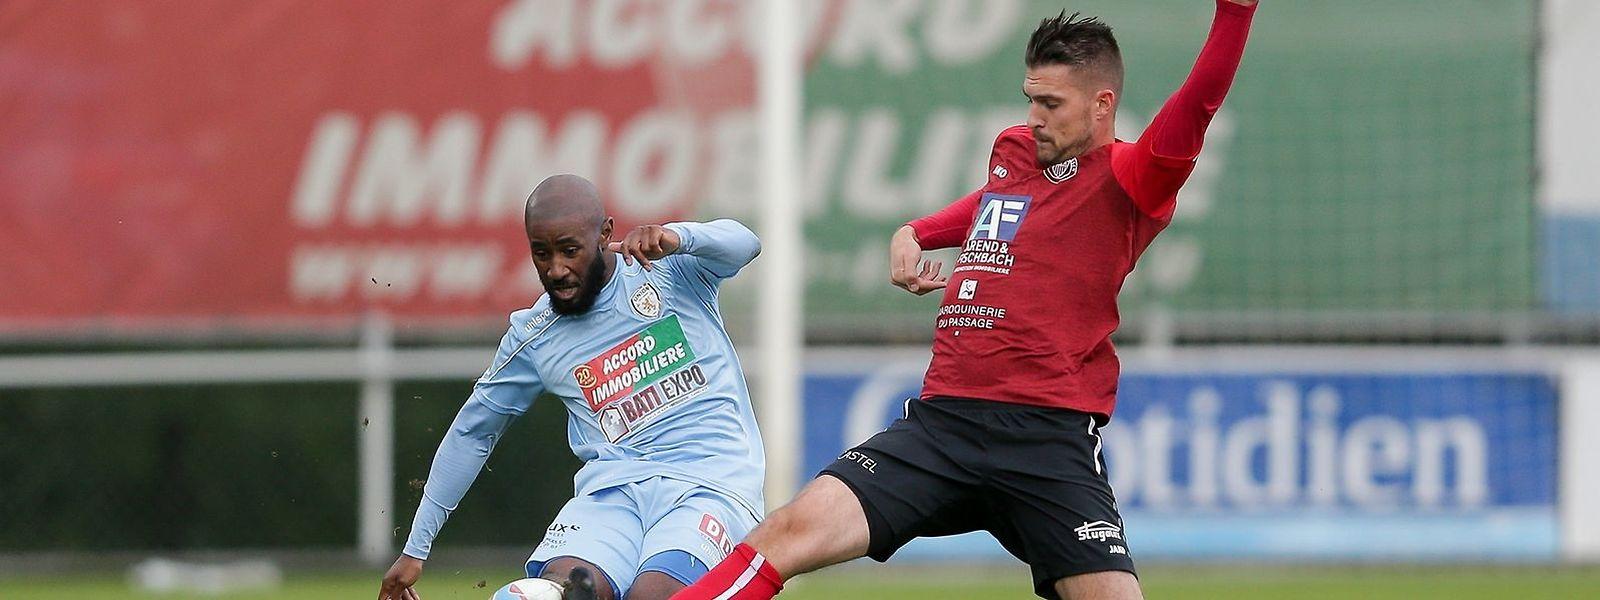 Yannick Kakoko, do Union Titus Pétange, e Sebastian Szimayer, do UNA Strassen, no jogo da oitava jornada que se saldou por um empate (2-2).